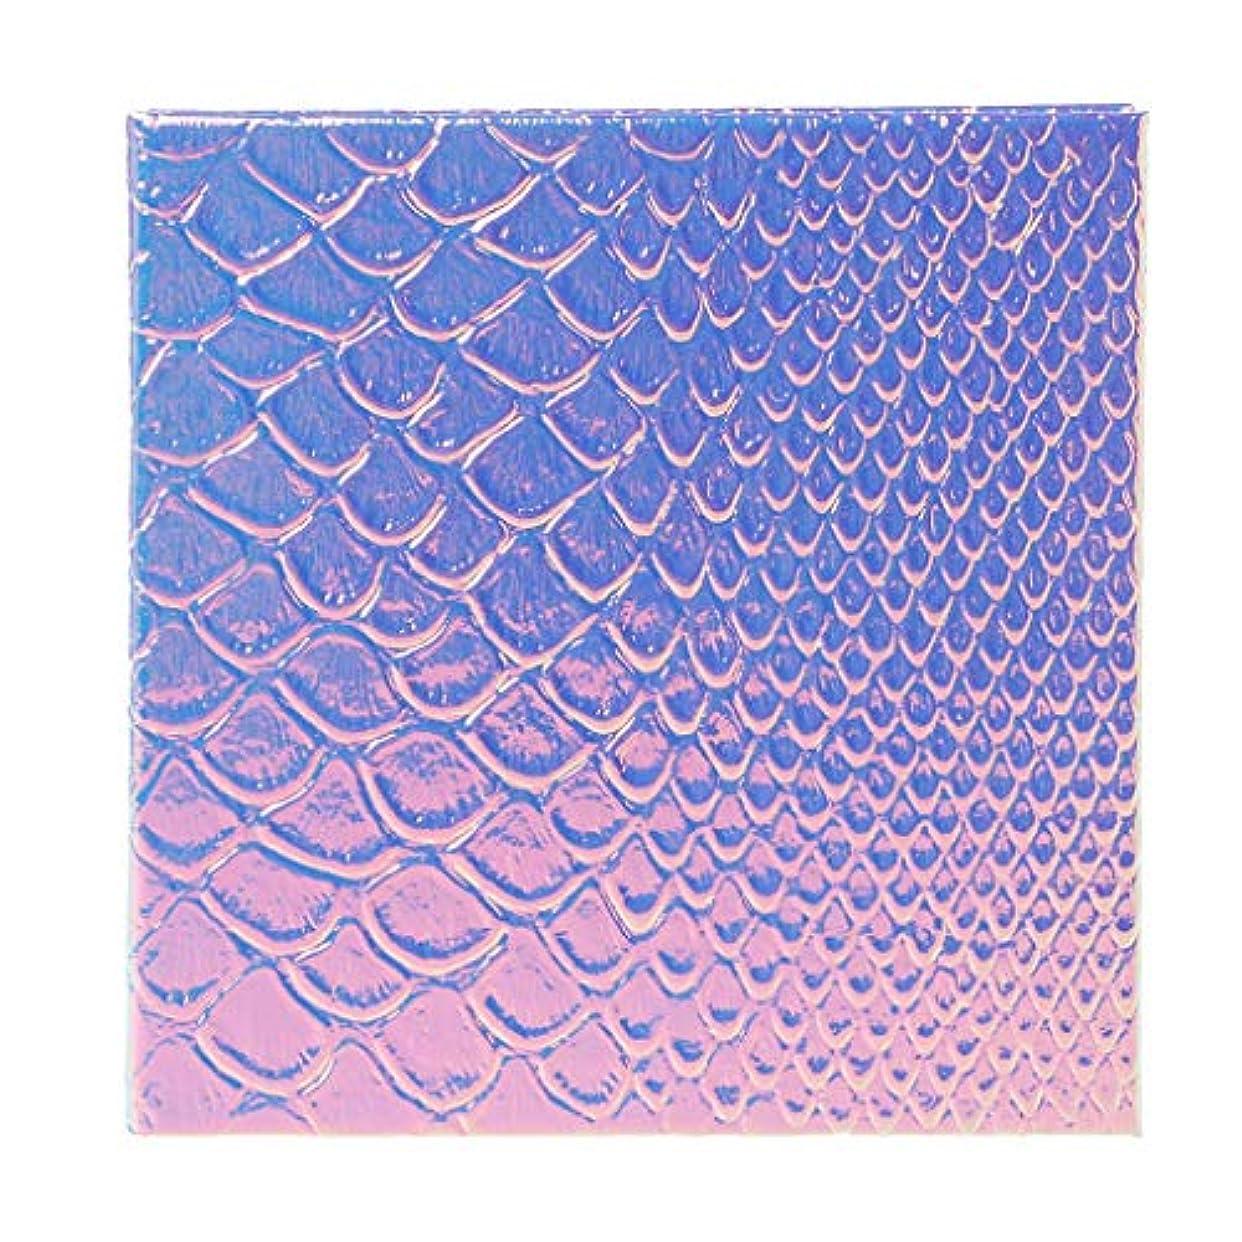 雇用窓を洗うパークLamdoo魚スケール空磁気化粧パレットdiyアイシャドーコンシーラーケースホルダー - 2#